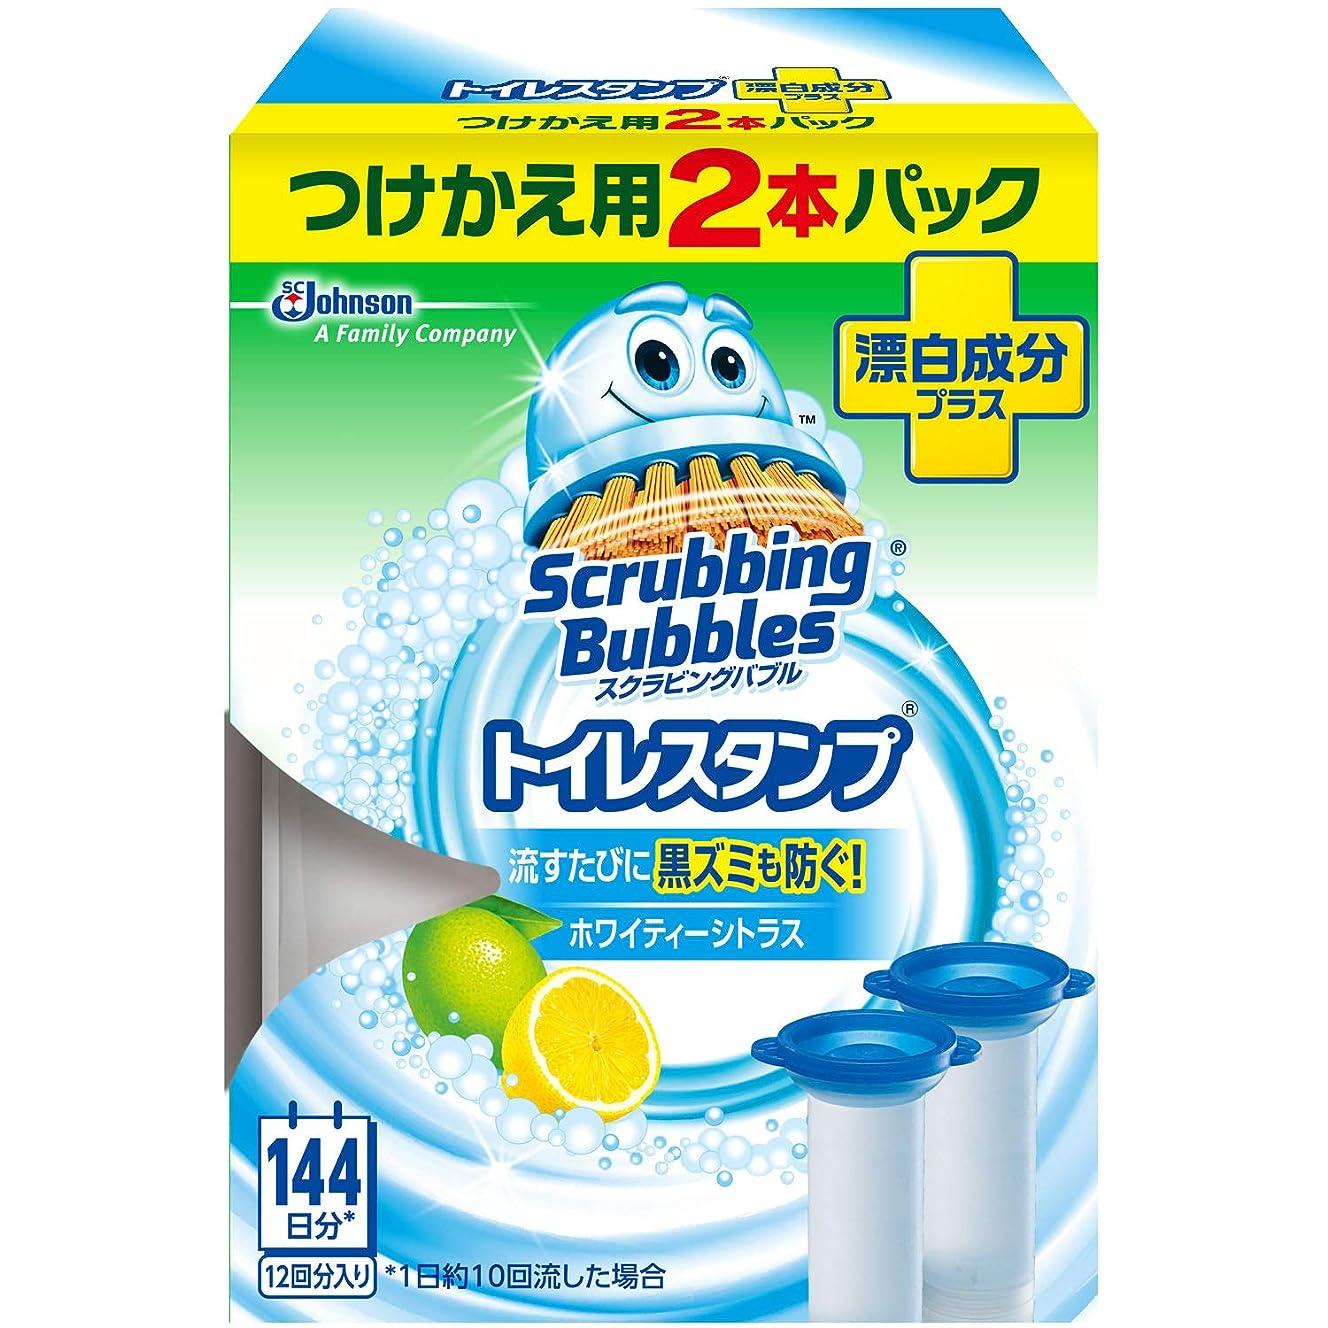 汚染された花火山学者スクラビングバブル トイレ洗浄剤 トイレスタンプ 漂白成分プラス ホワイティーシトラスの香り 付替用2本 38g×2本